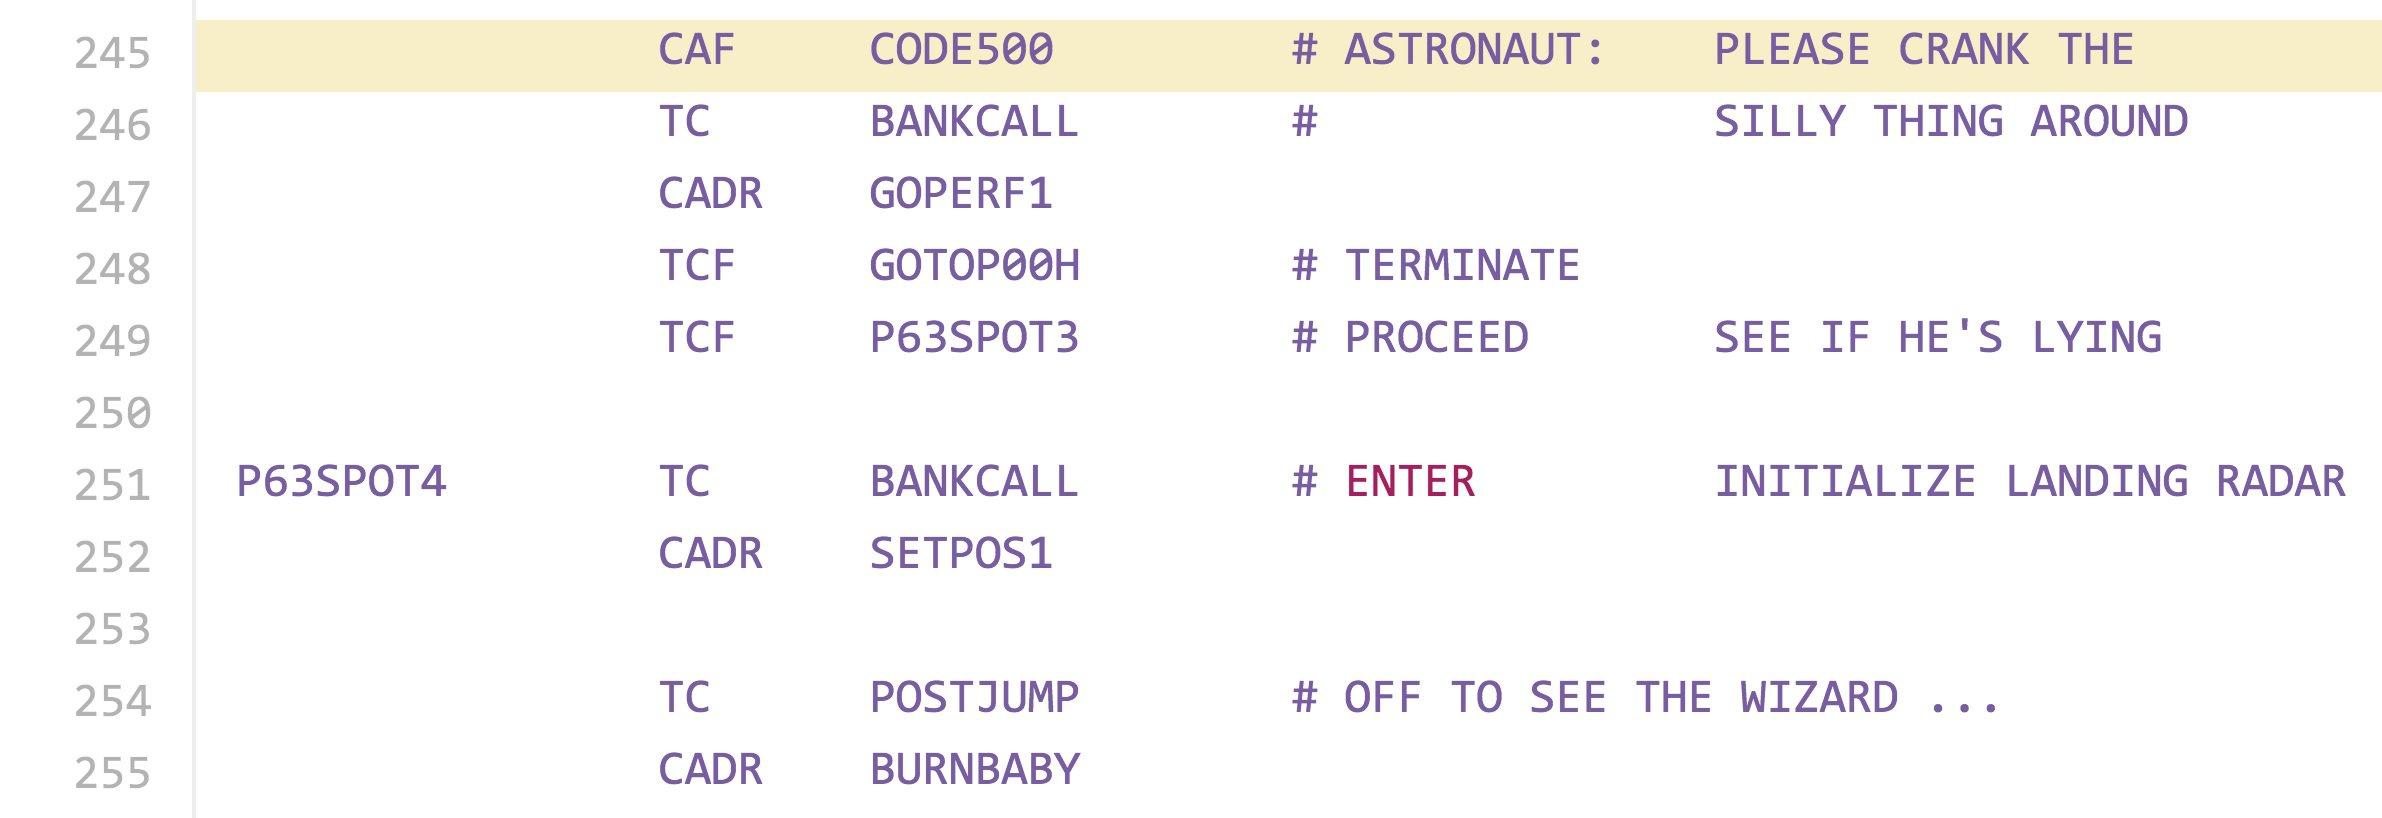 Apollo Guidance Computer (2)